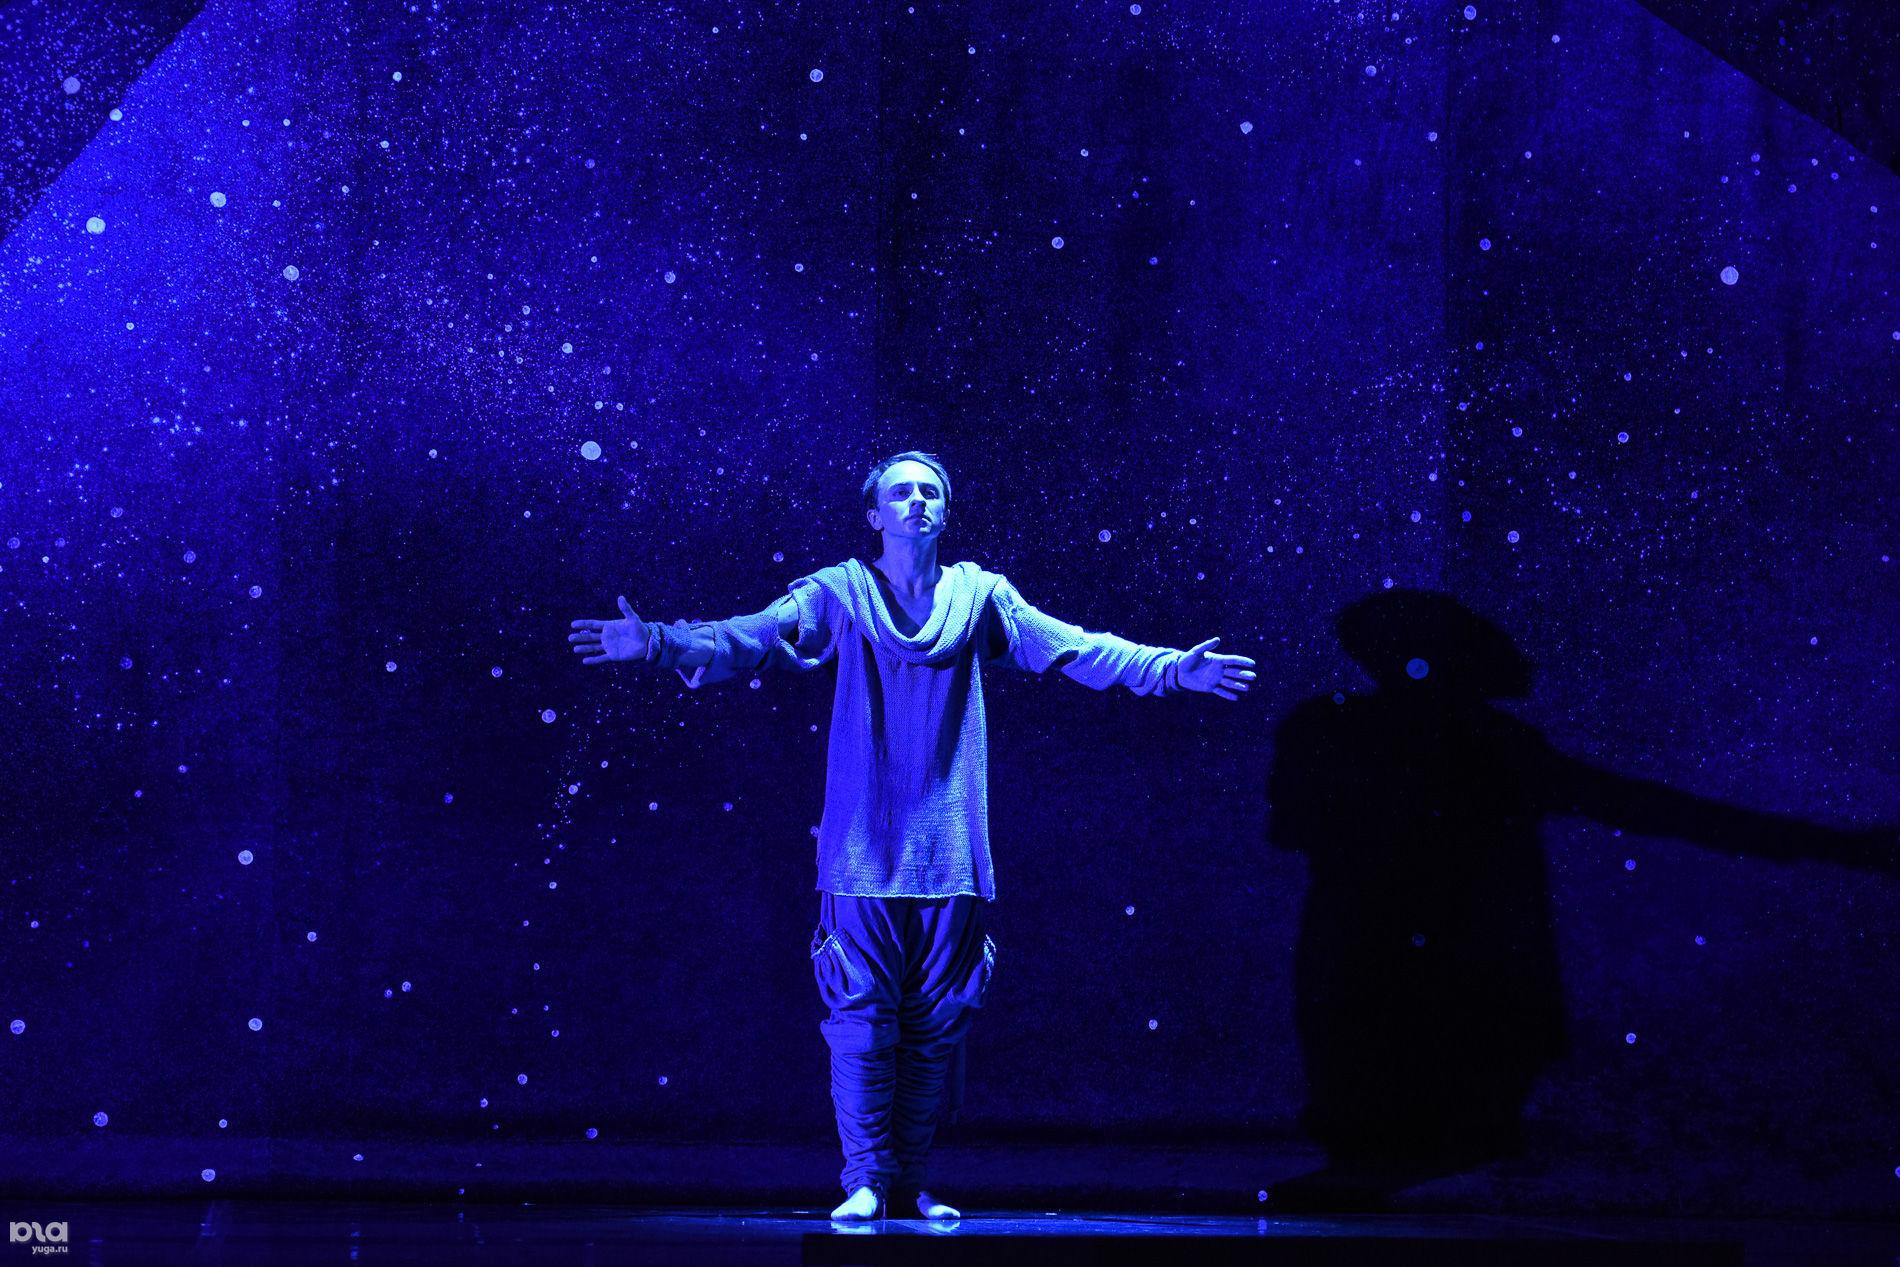 ВКраснодаре пройдет фестиваль «Кубань театральная» имени М. А. Куликовского